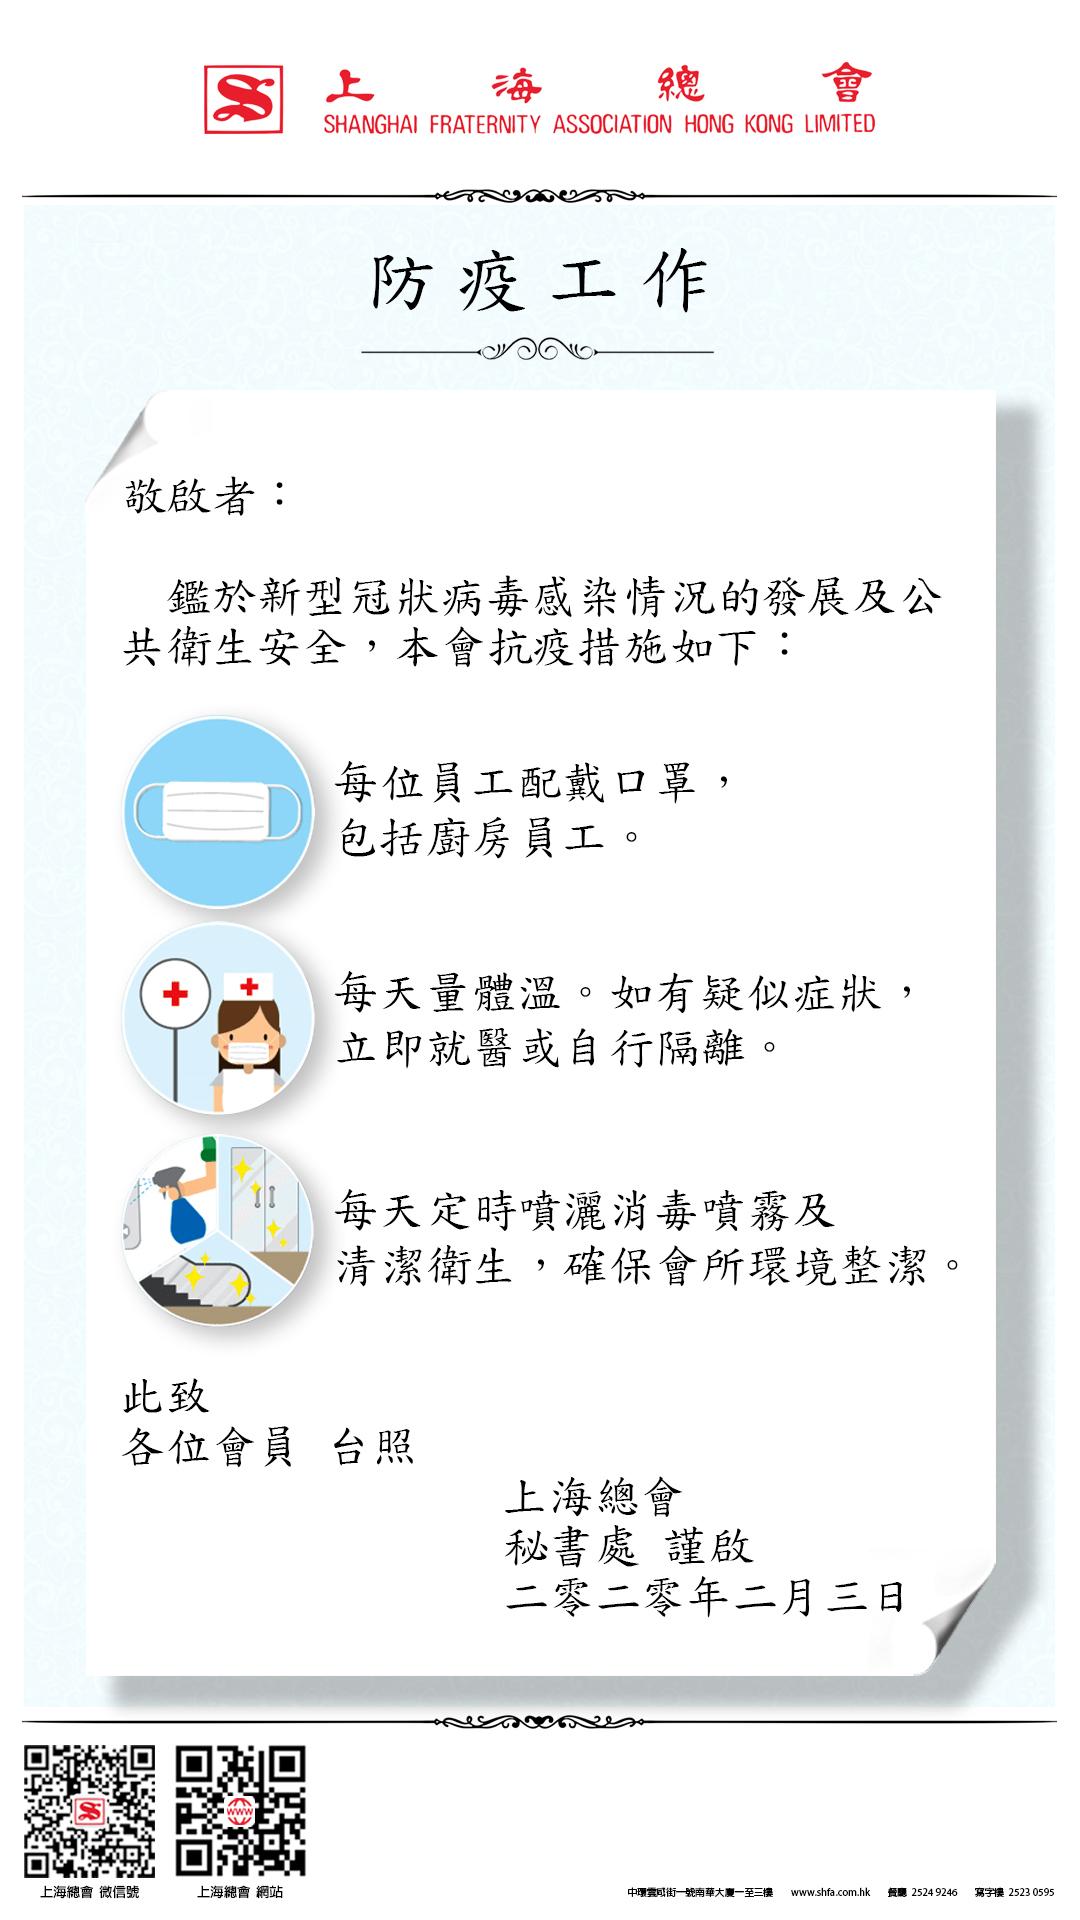 上海總會抗疫措施